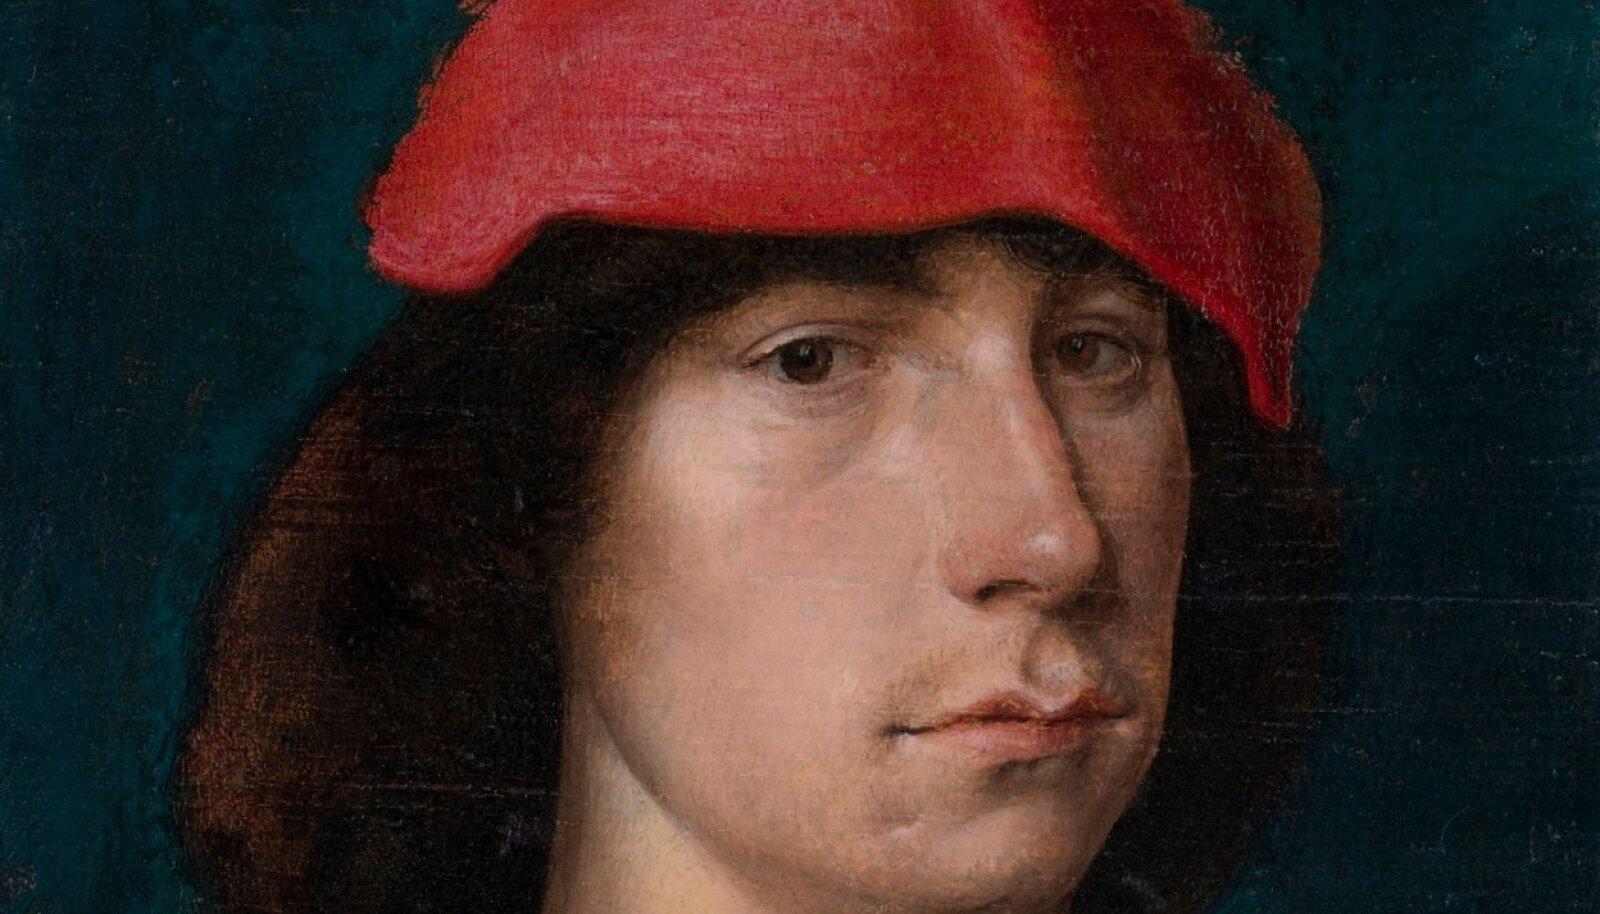 """KAS AUTOPORTREE? Michel Sittow võis maalis """"Noormees punase mütsiga"""" (1490. aastad) kujutada iseennast. Teos asub Detroiti Kunstiinstituudi kogus."""